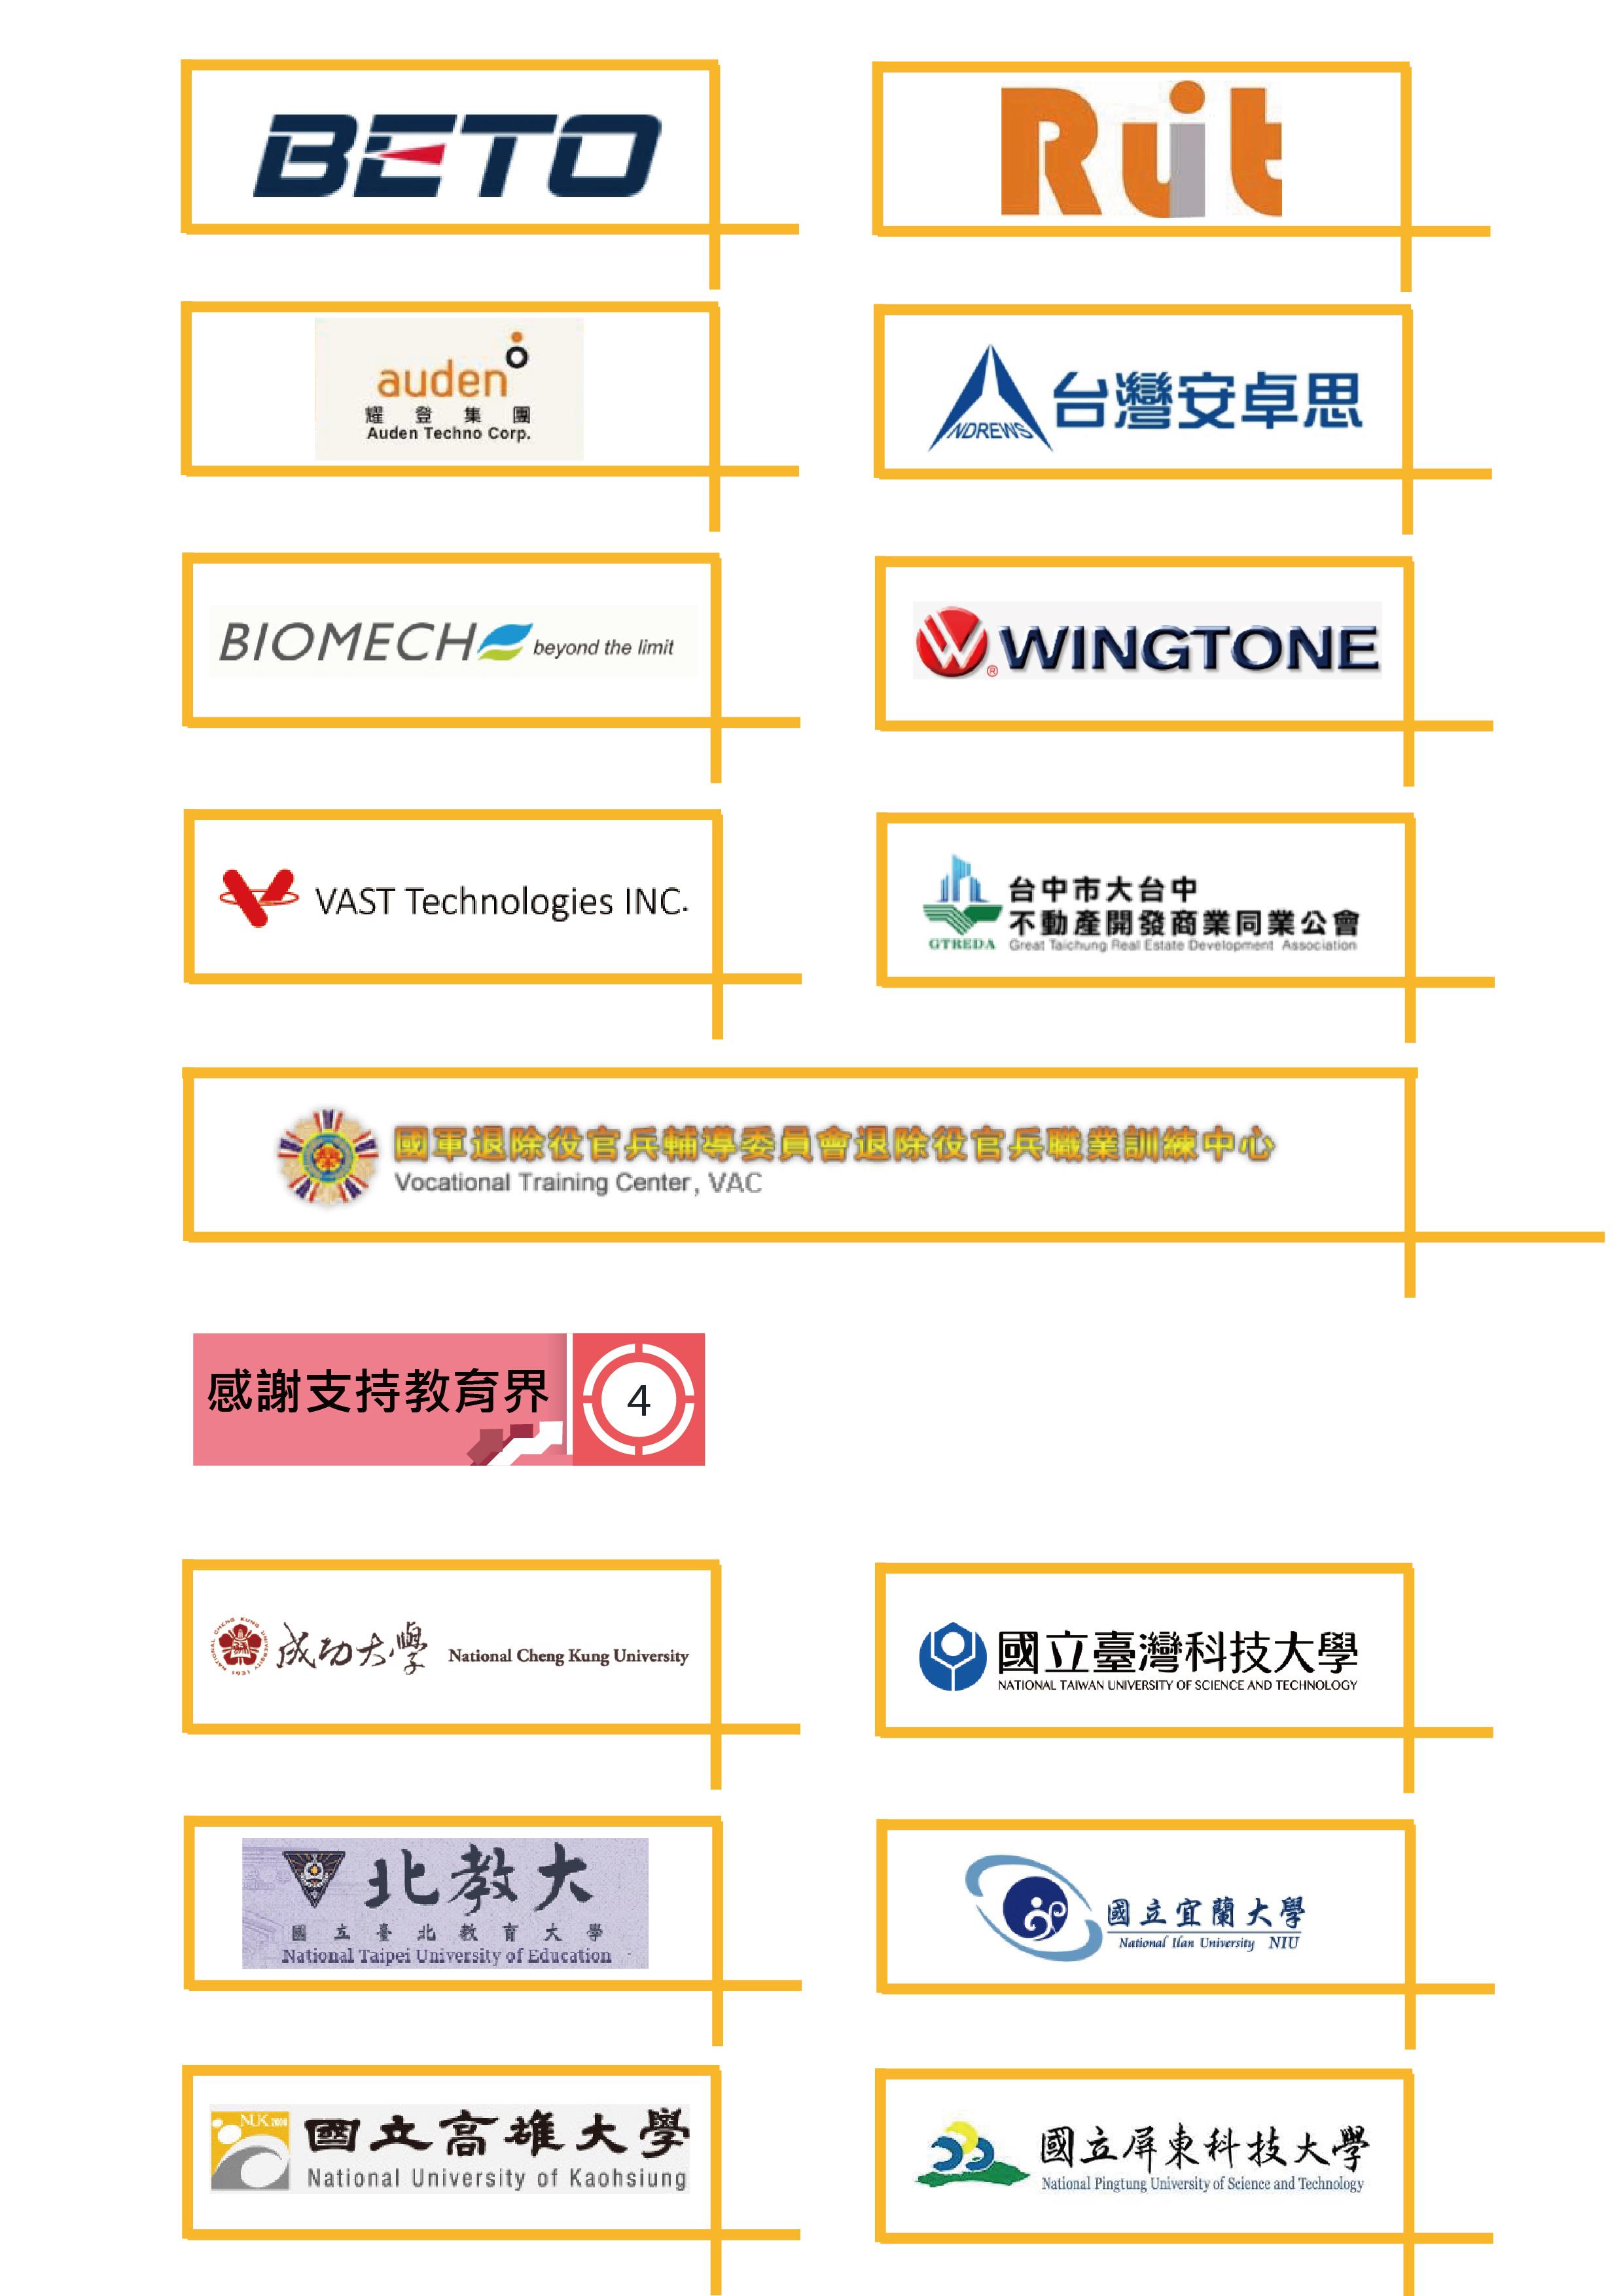 官網-關於我們-客戶logo列表-5-02.jpg